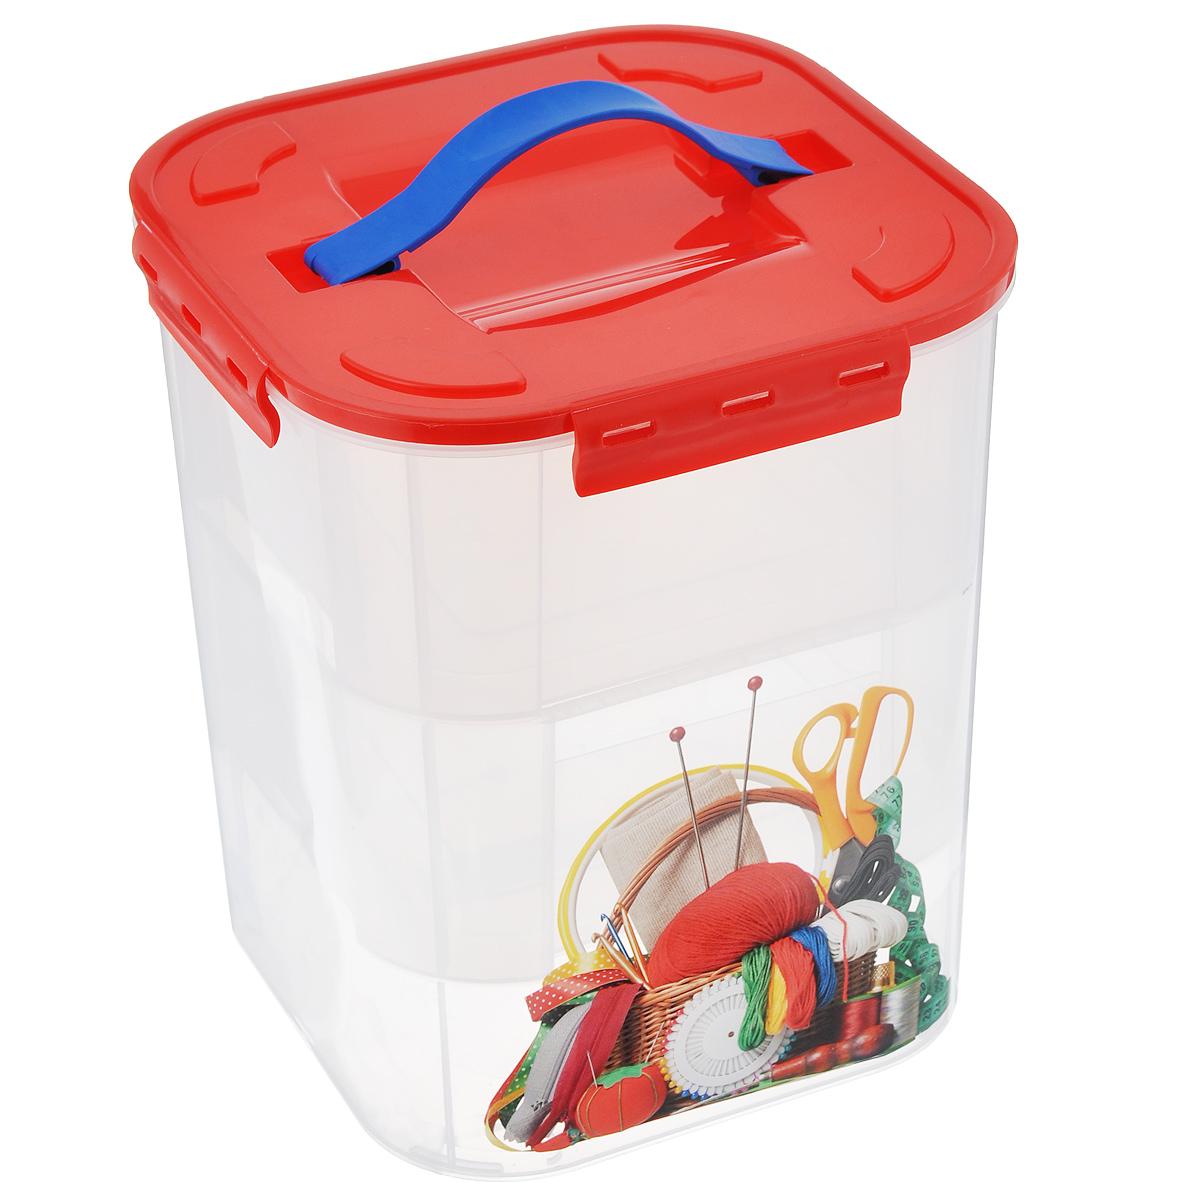 Контейнер для хранения Idea Деко. Рукоделие, с 2 вкладышами, 10 л контейнер для хранения idea деко бомбы 10 л